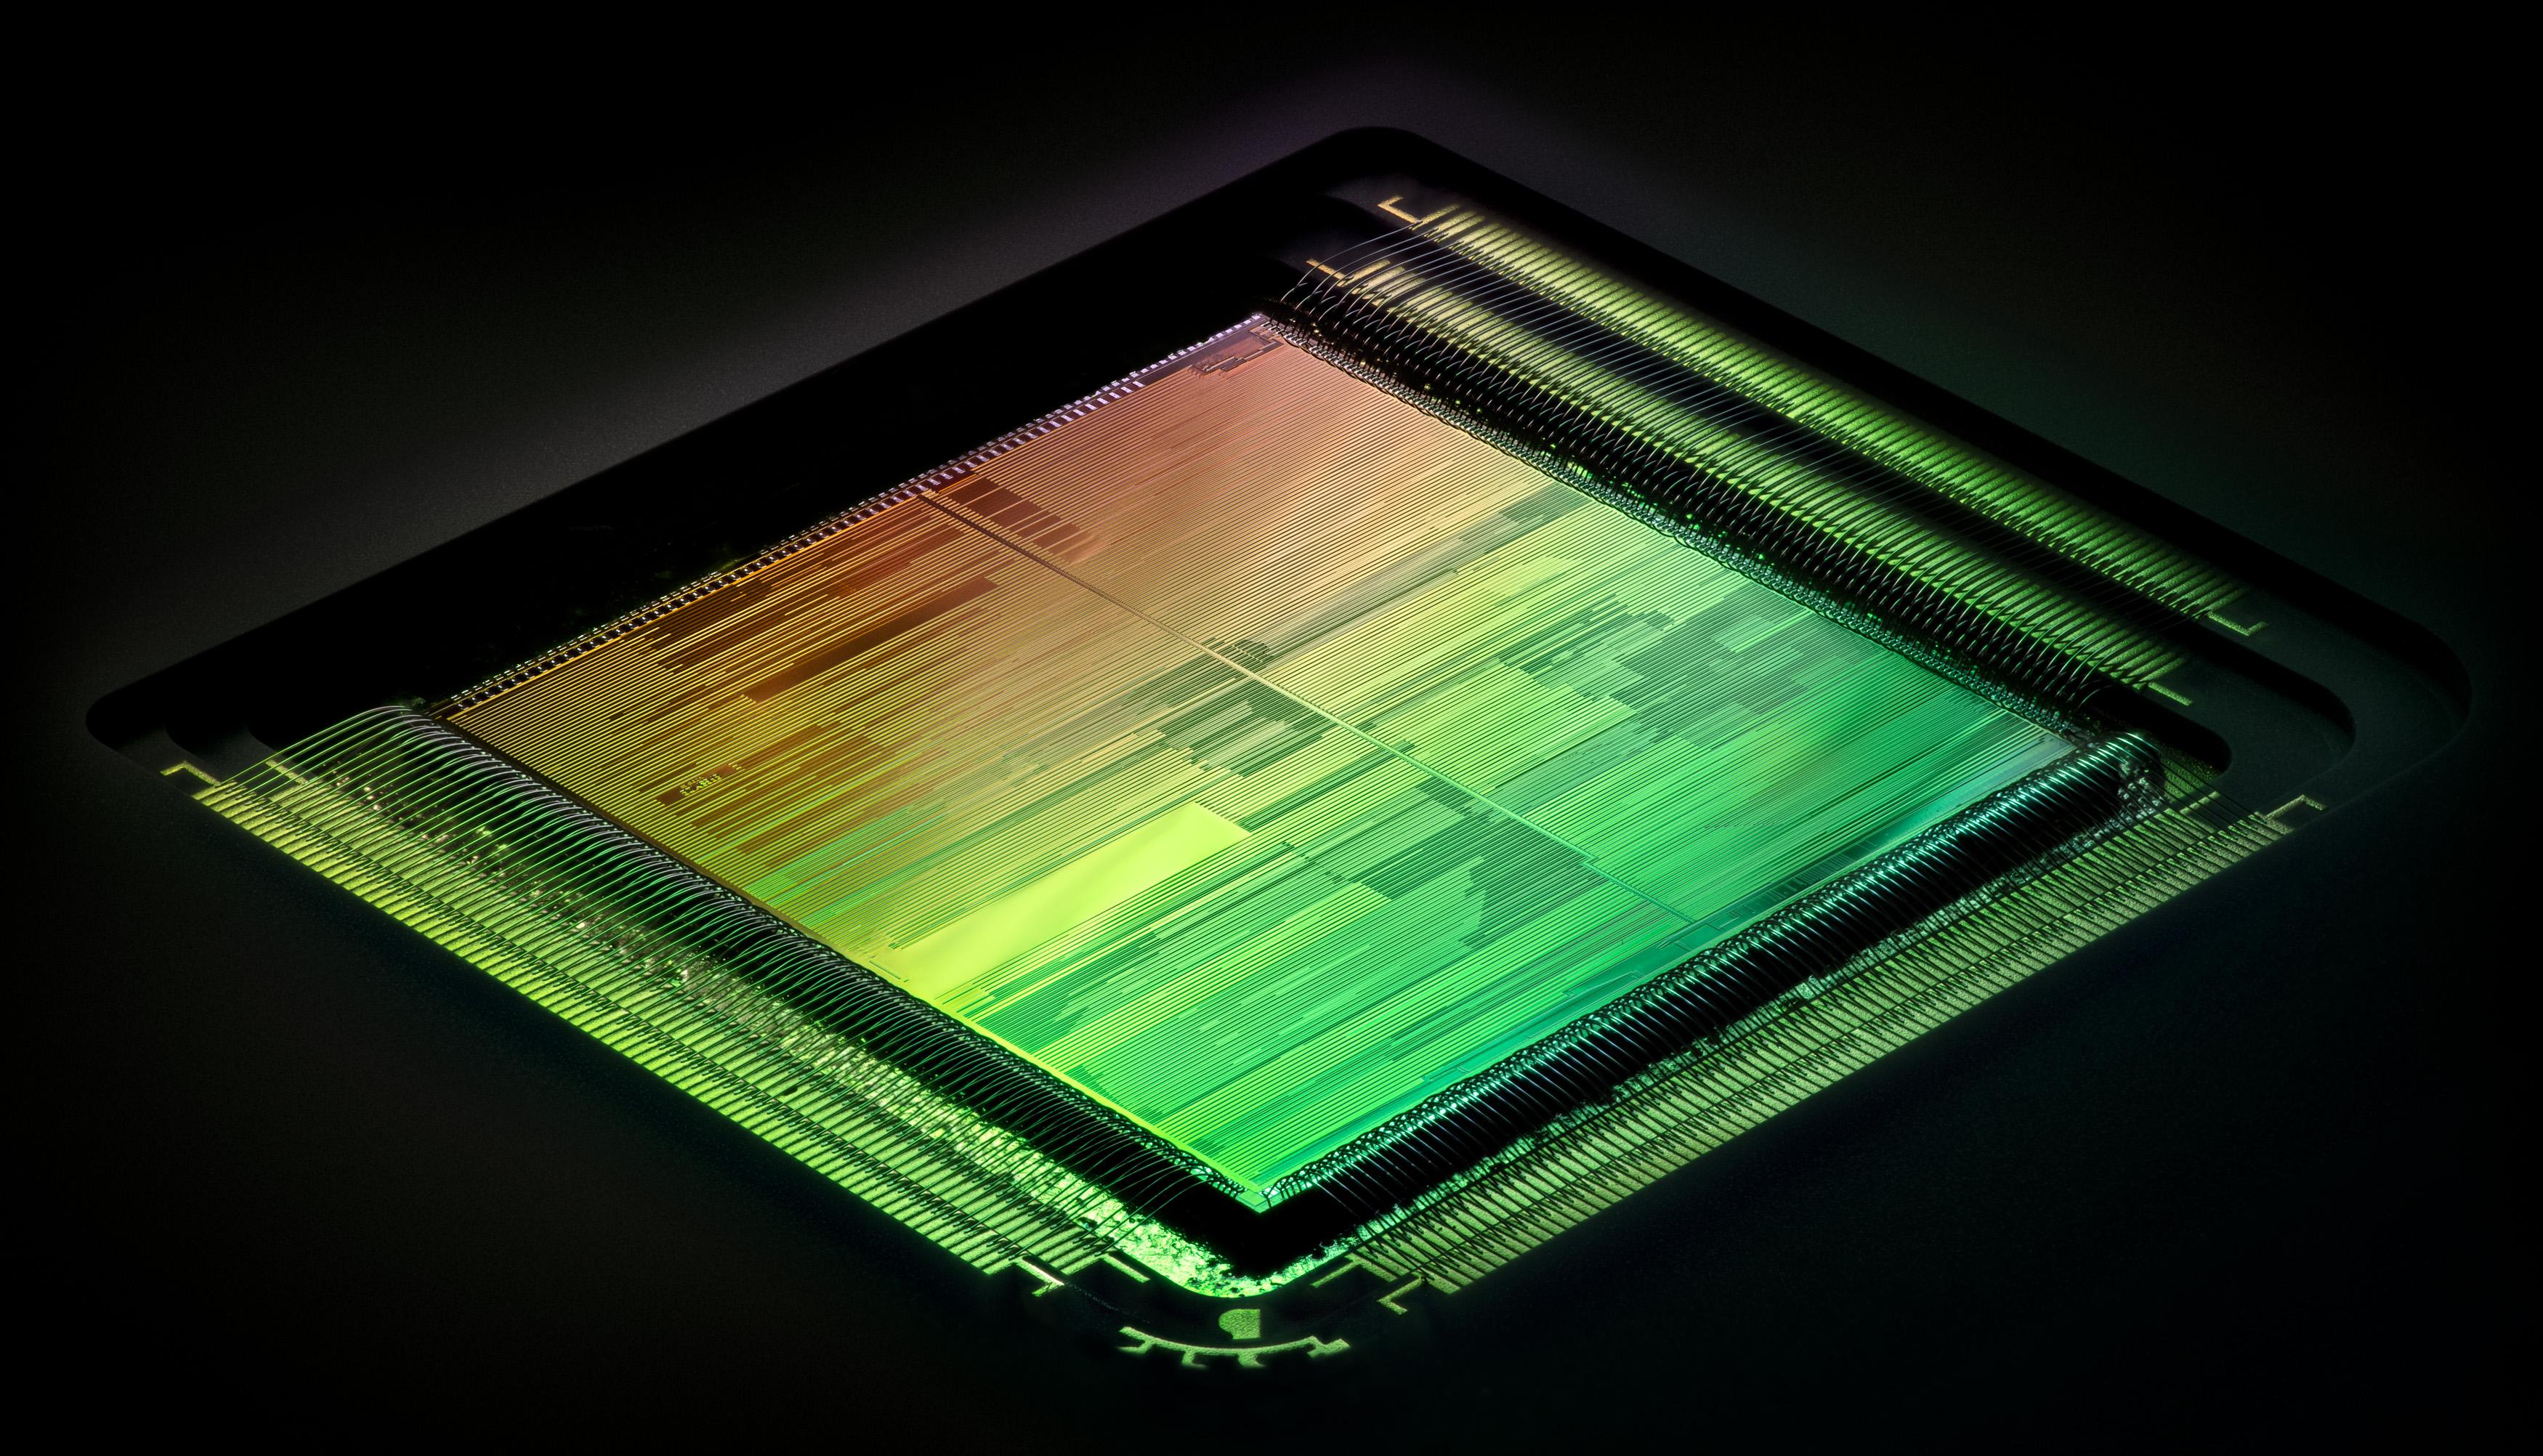 pentium-pro.jpg